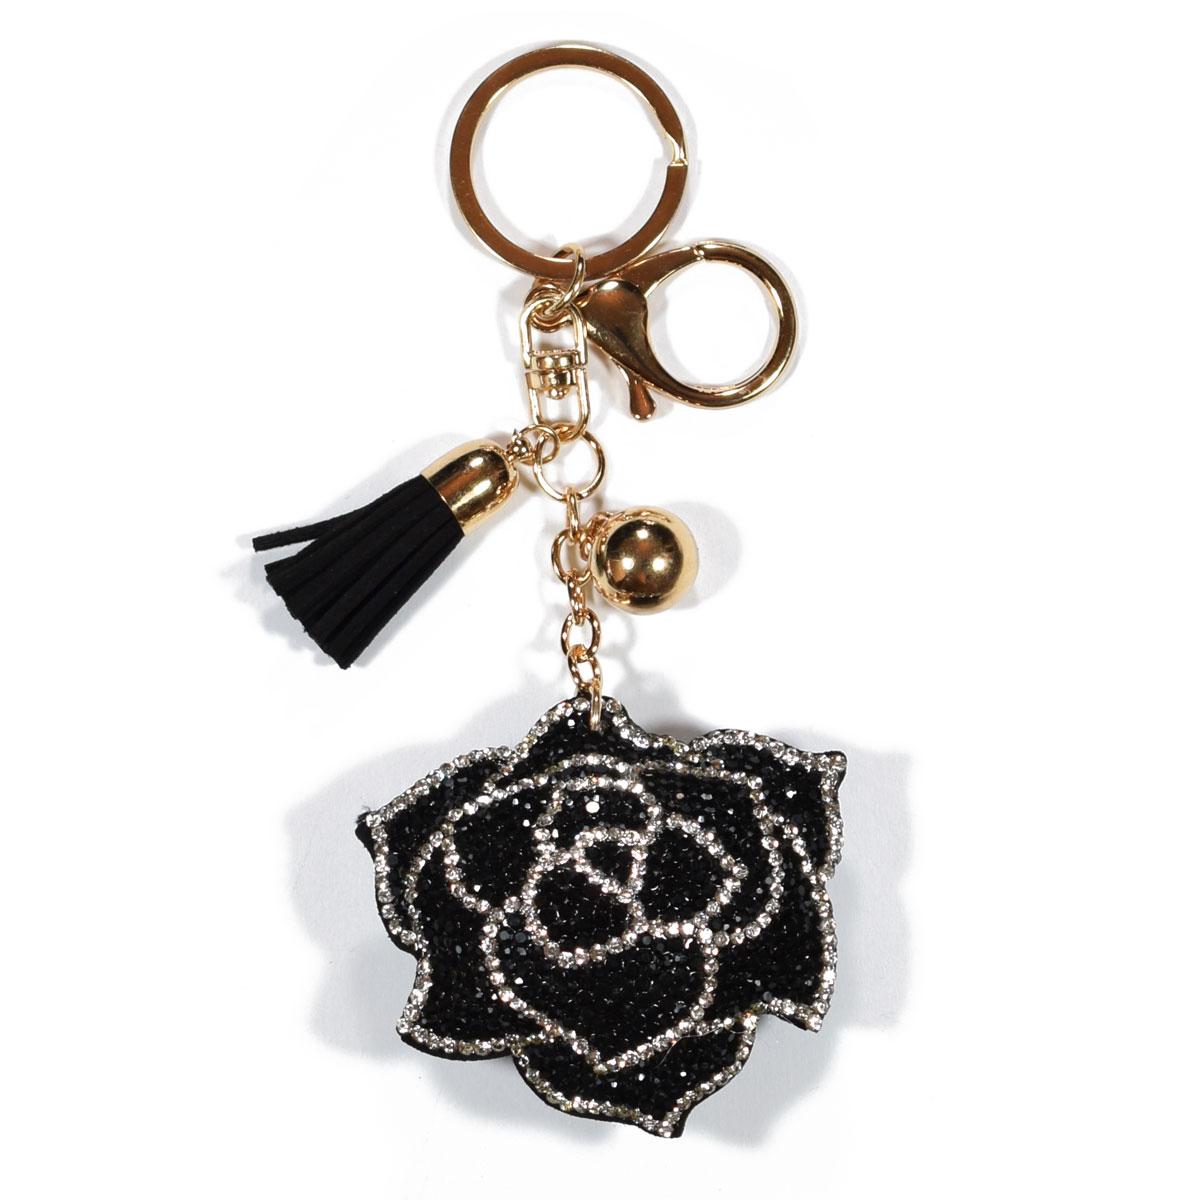 Μπρελόκ φο μπιζού (faux bijoux) τριαντάφυλλο σε μαύρο χρώμα με κρυστάλλους  (BZ-KC-00022) 70a398d6762